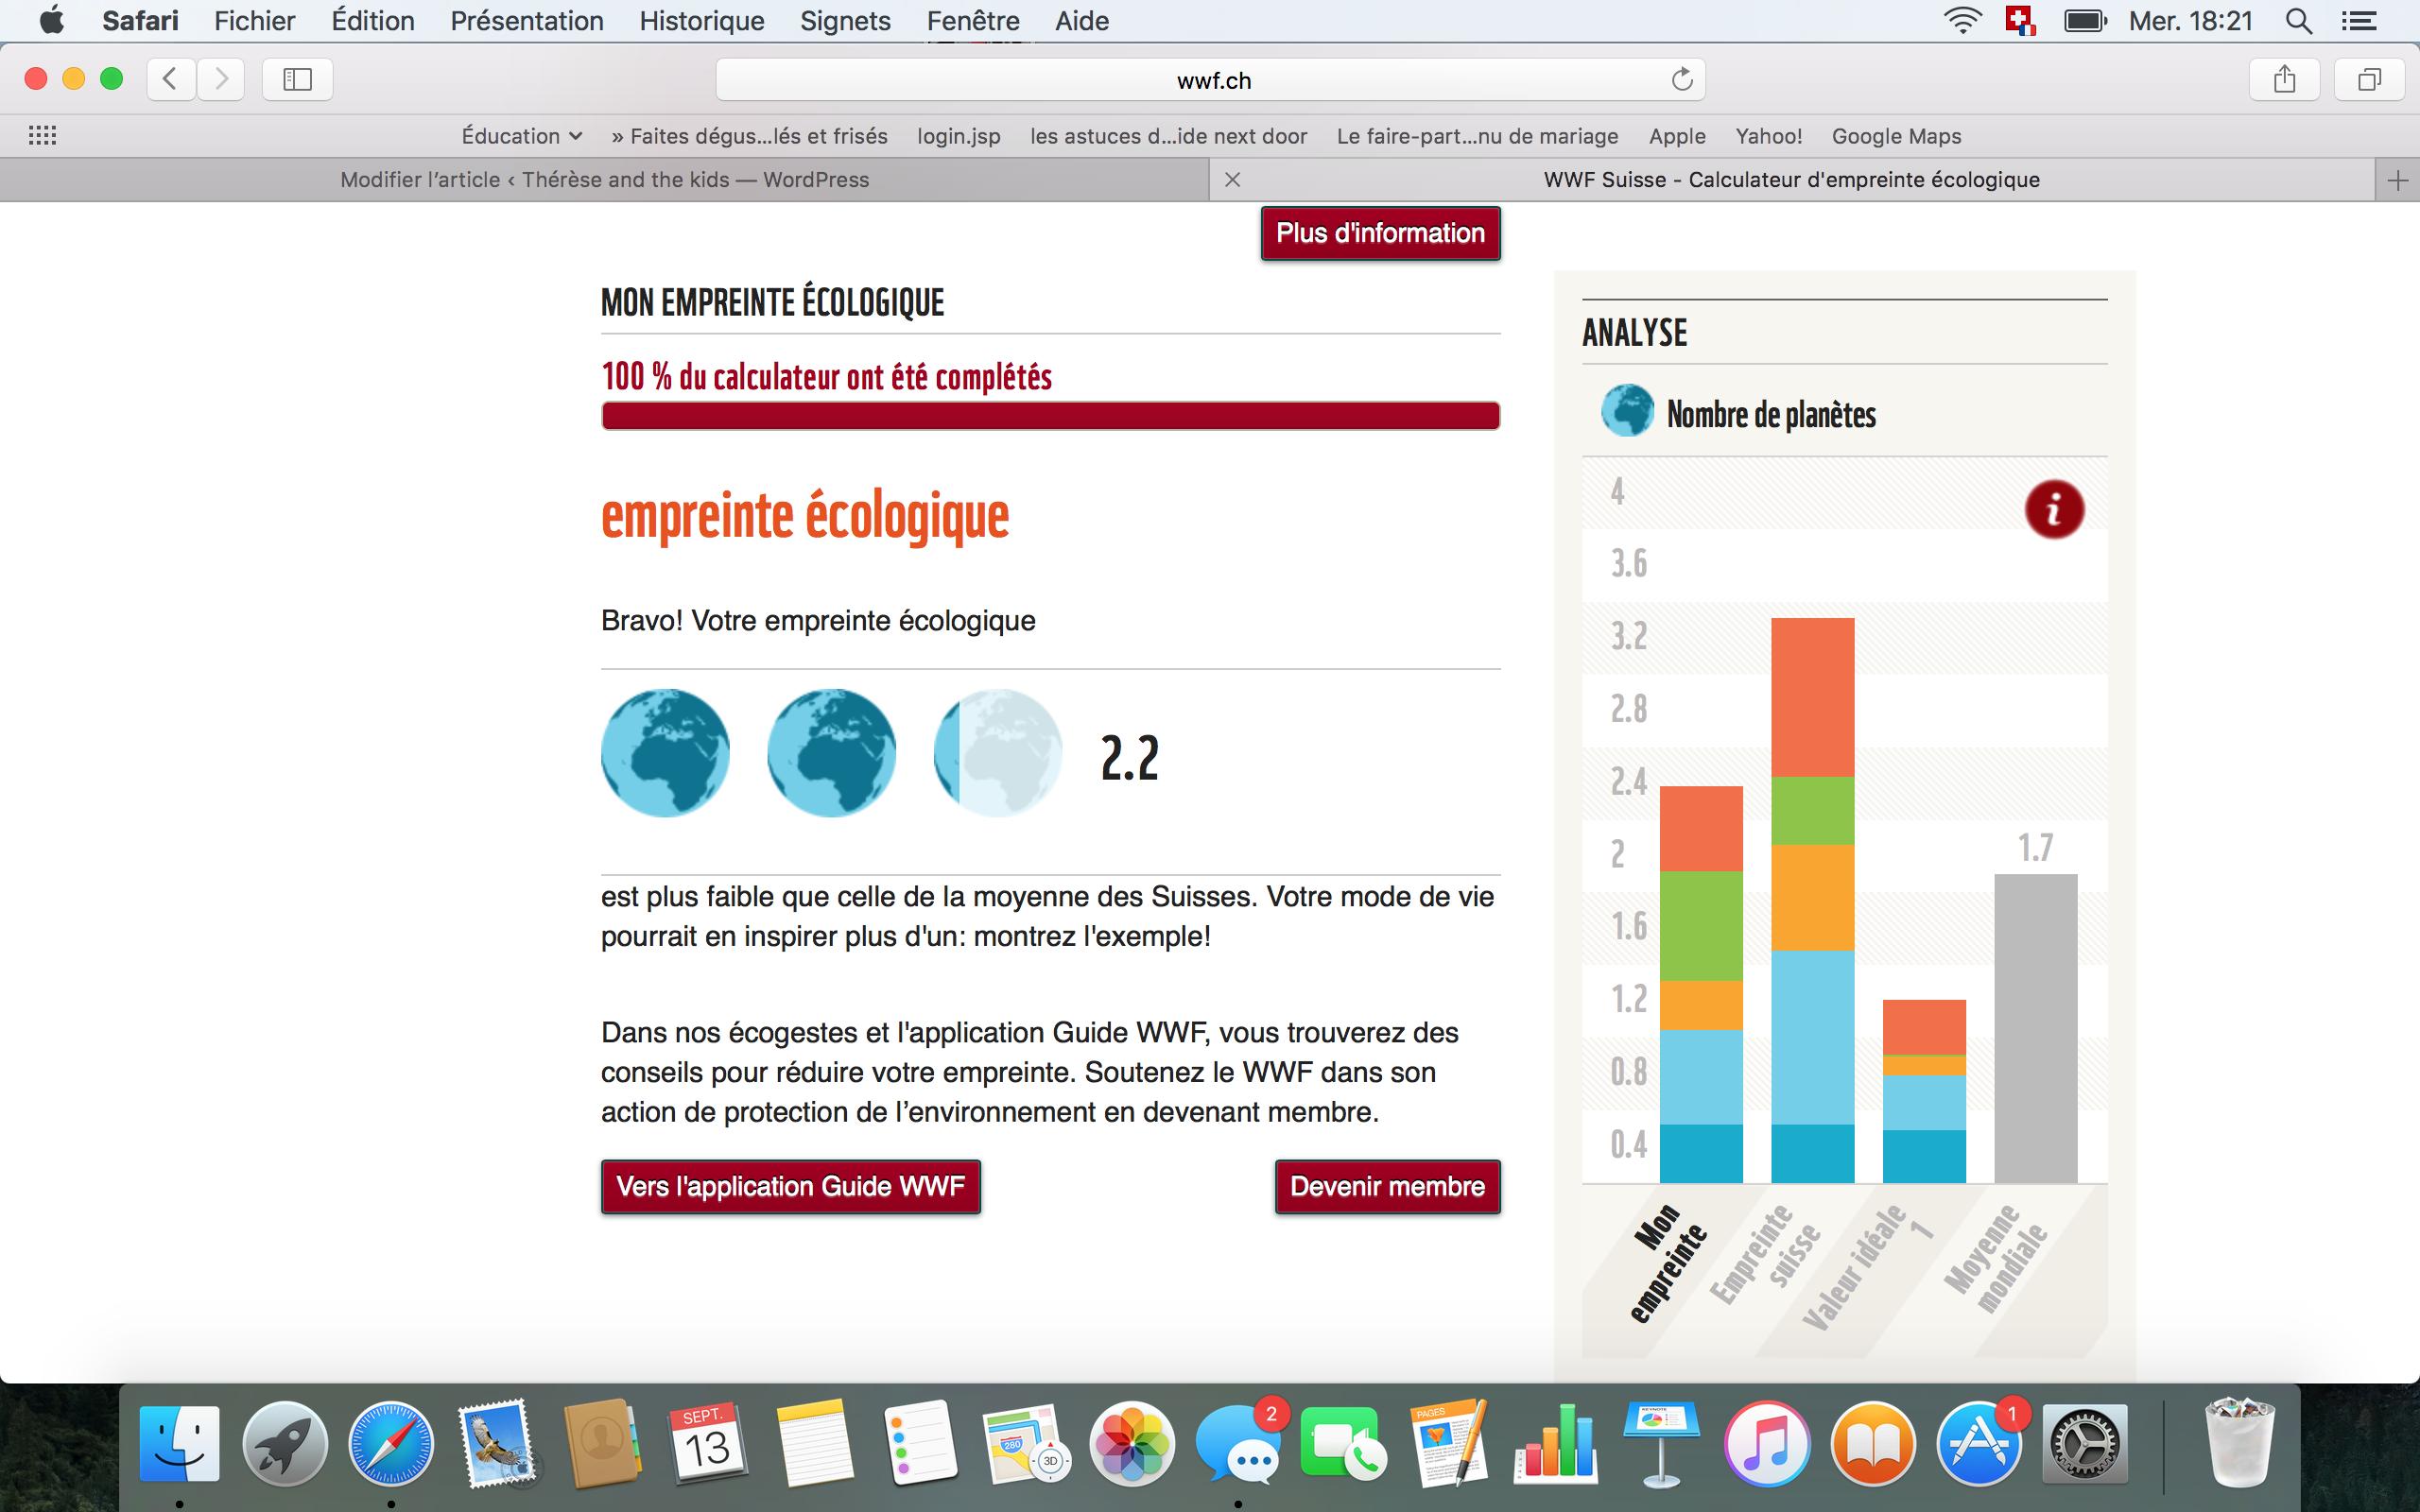 empreinte écologique déchets wwf forgenerationstocome thereseandthekids blog suisse